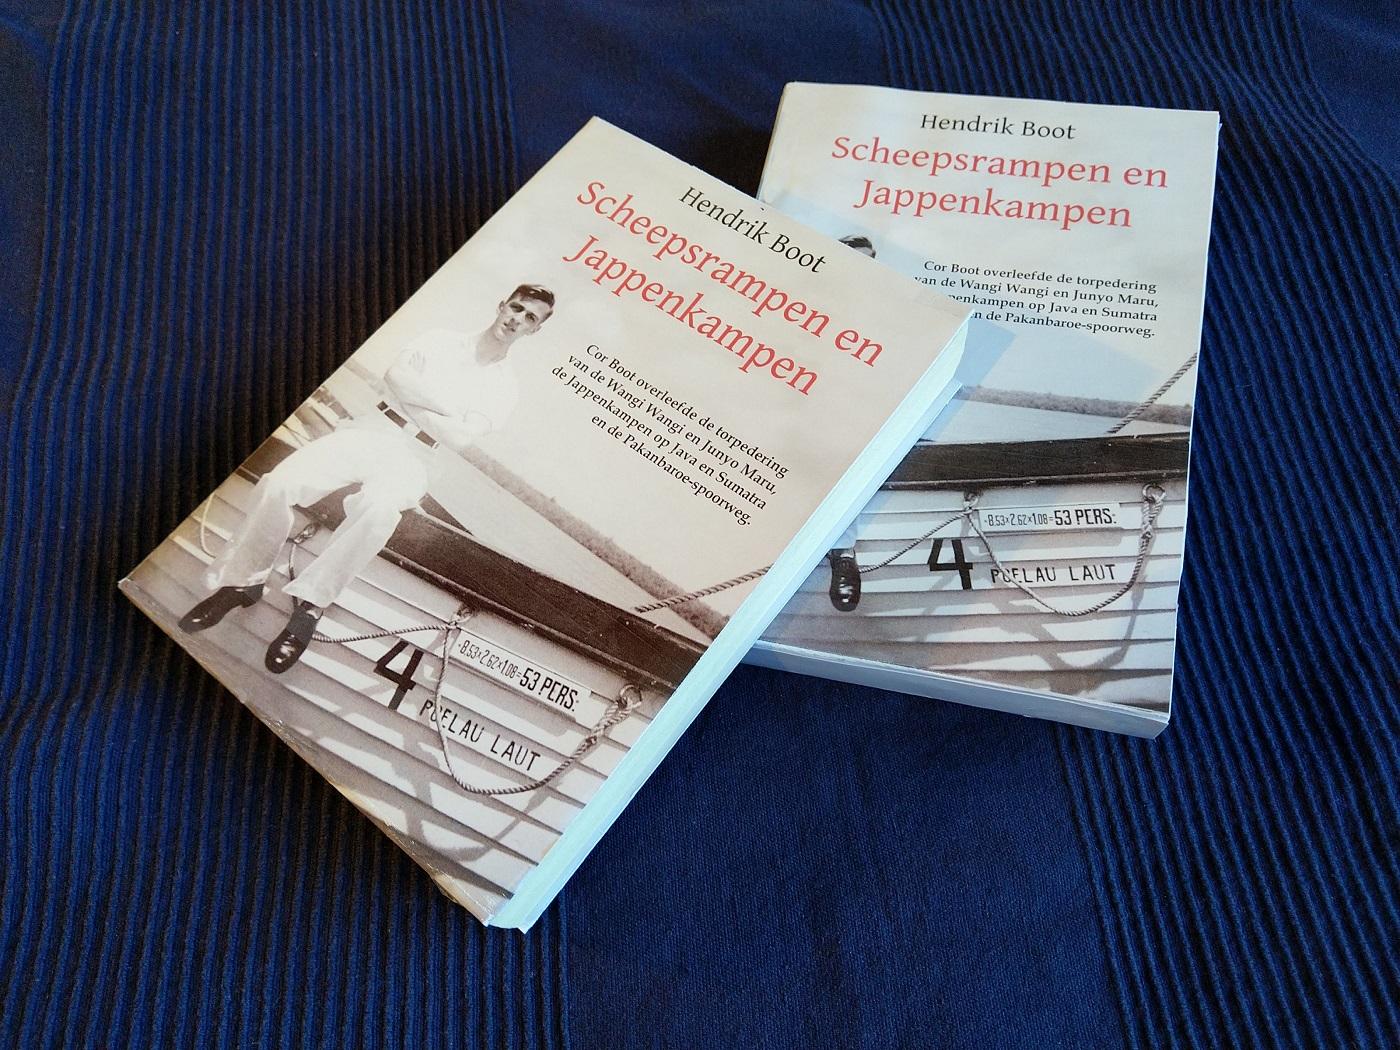 scheepsrampen en jappenkampen boek hendrik boot cor boot